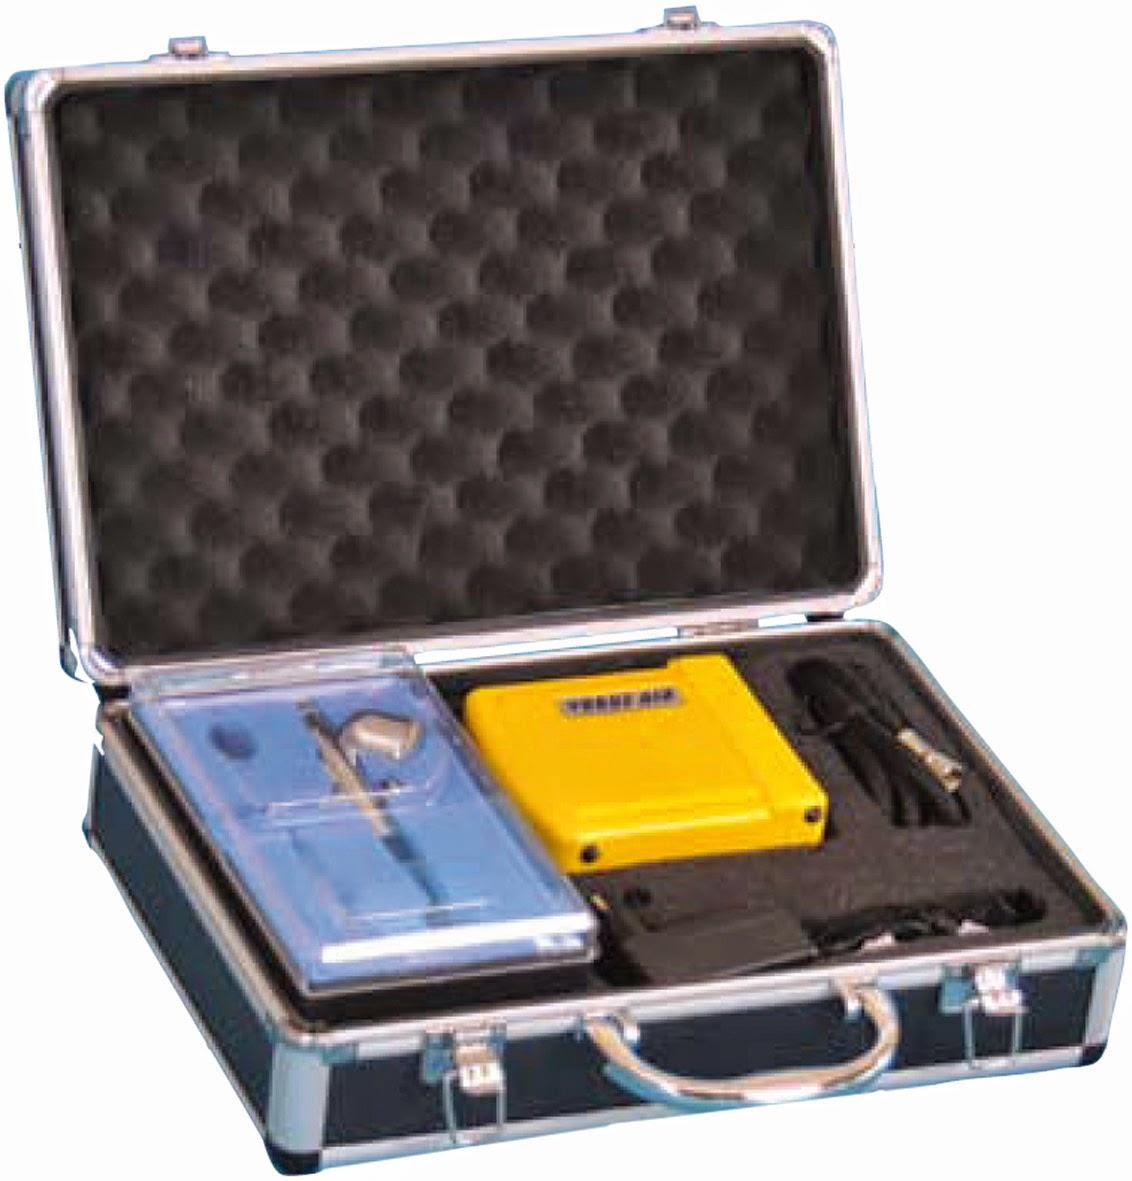 http://www.decomansl.es/catalogo/es/2005-compresores-y-aerografos